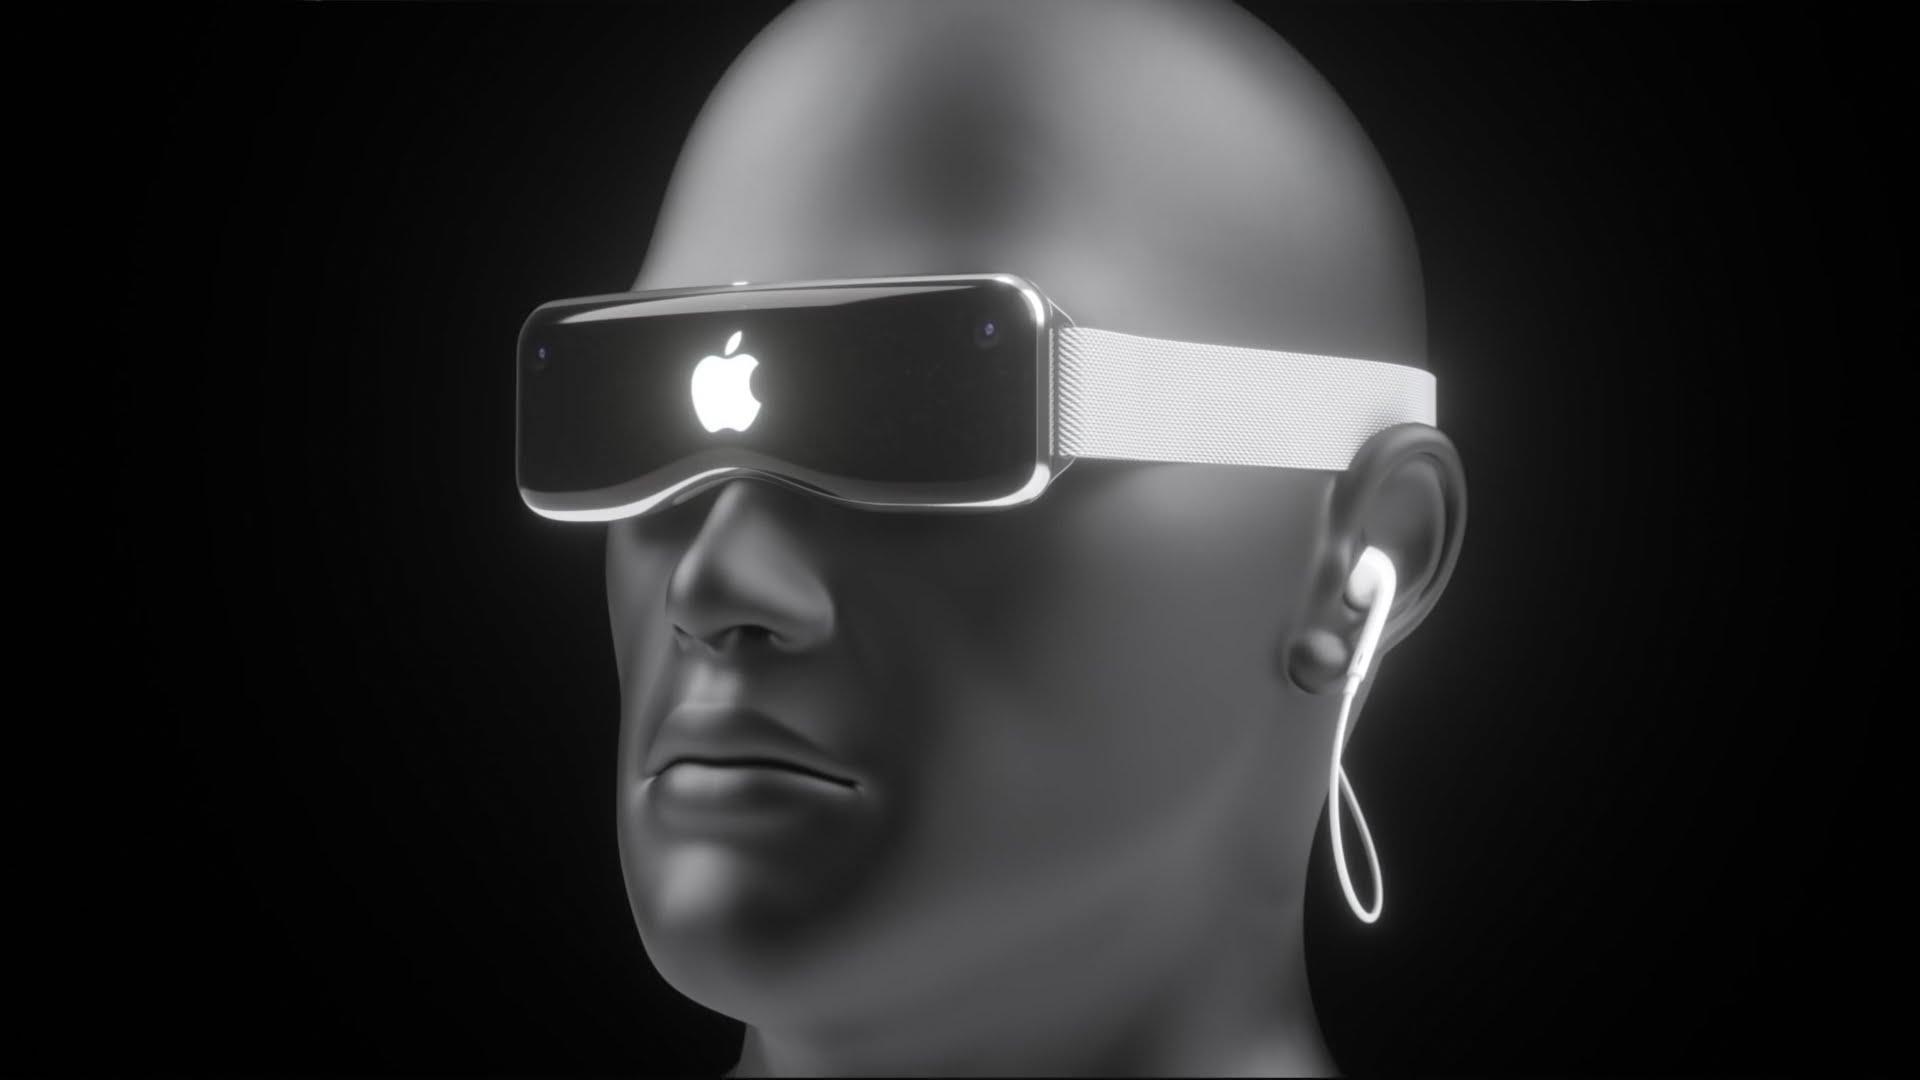 Apple développerait un sensationnel casque AR/VR prévu pour 2020